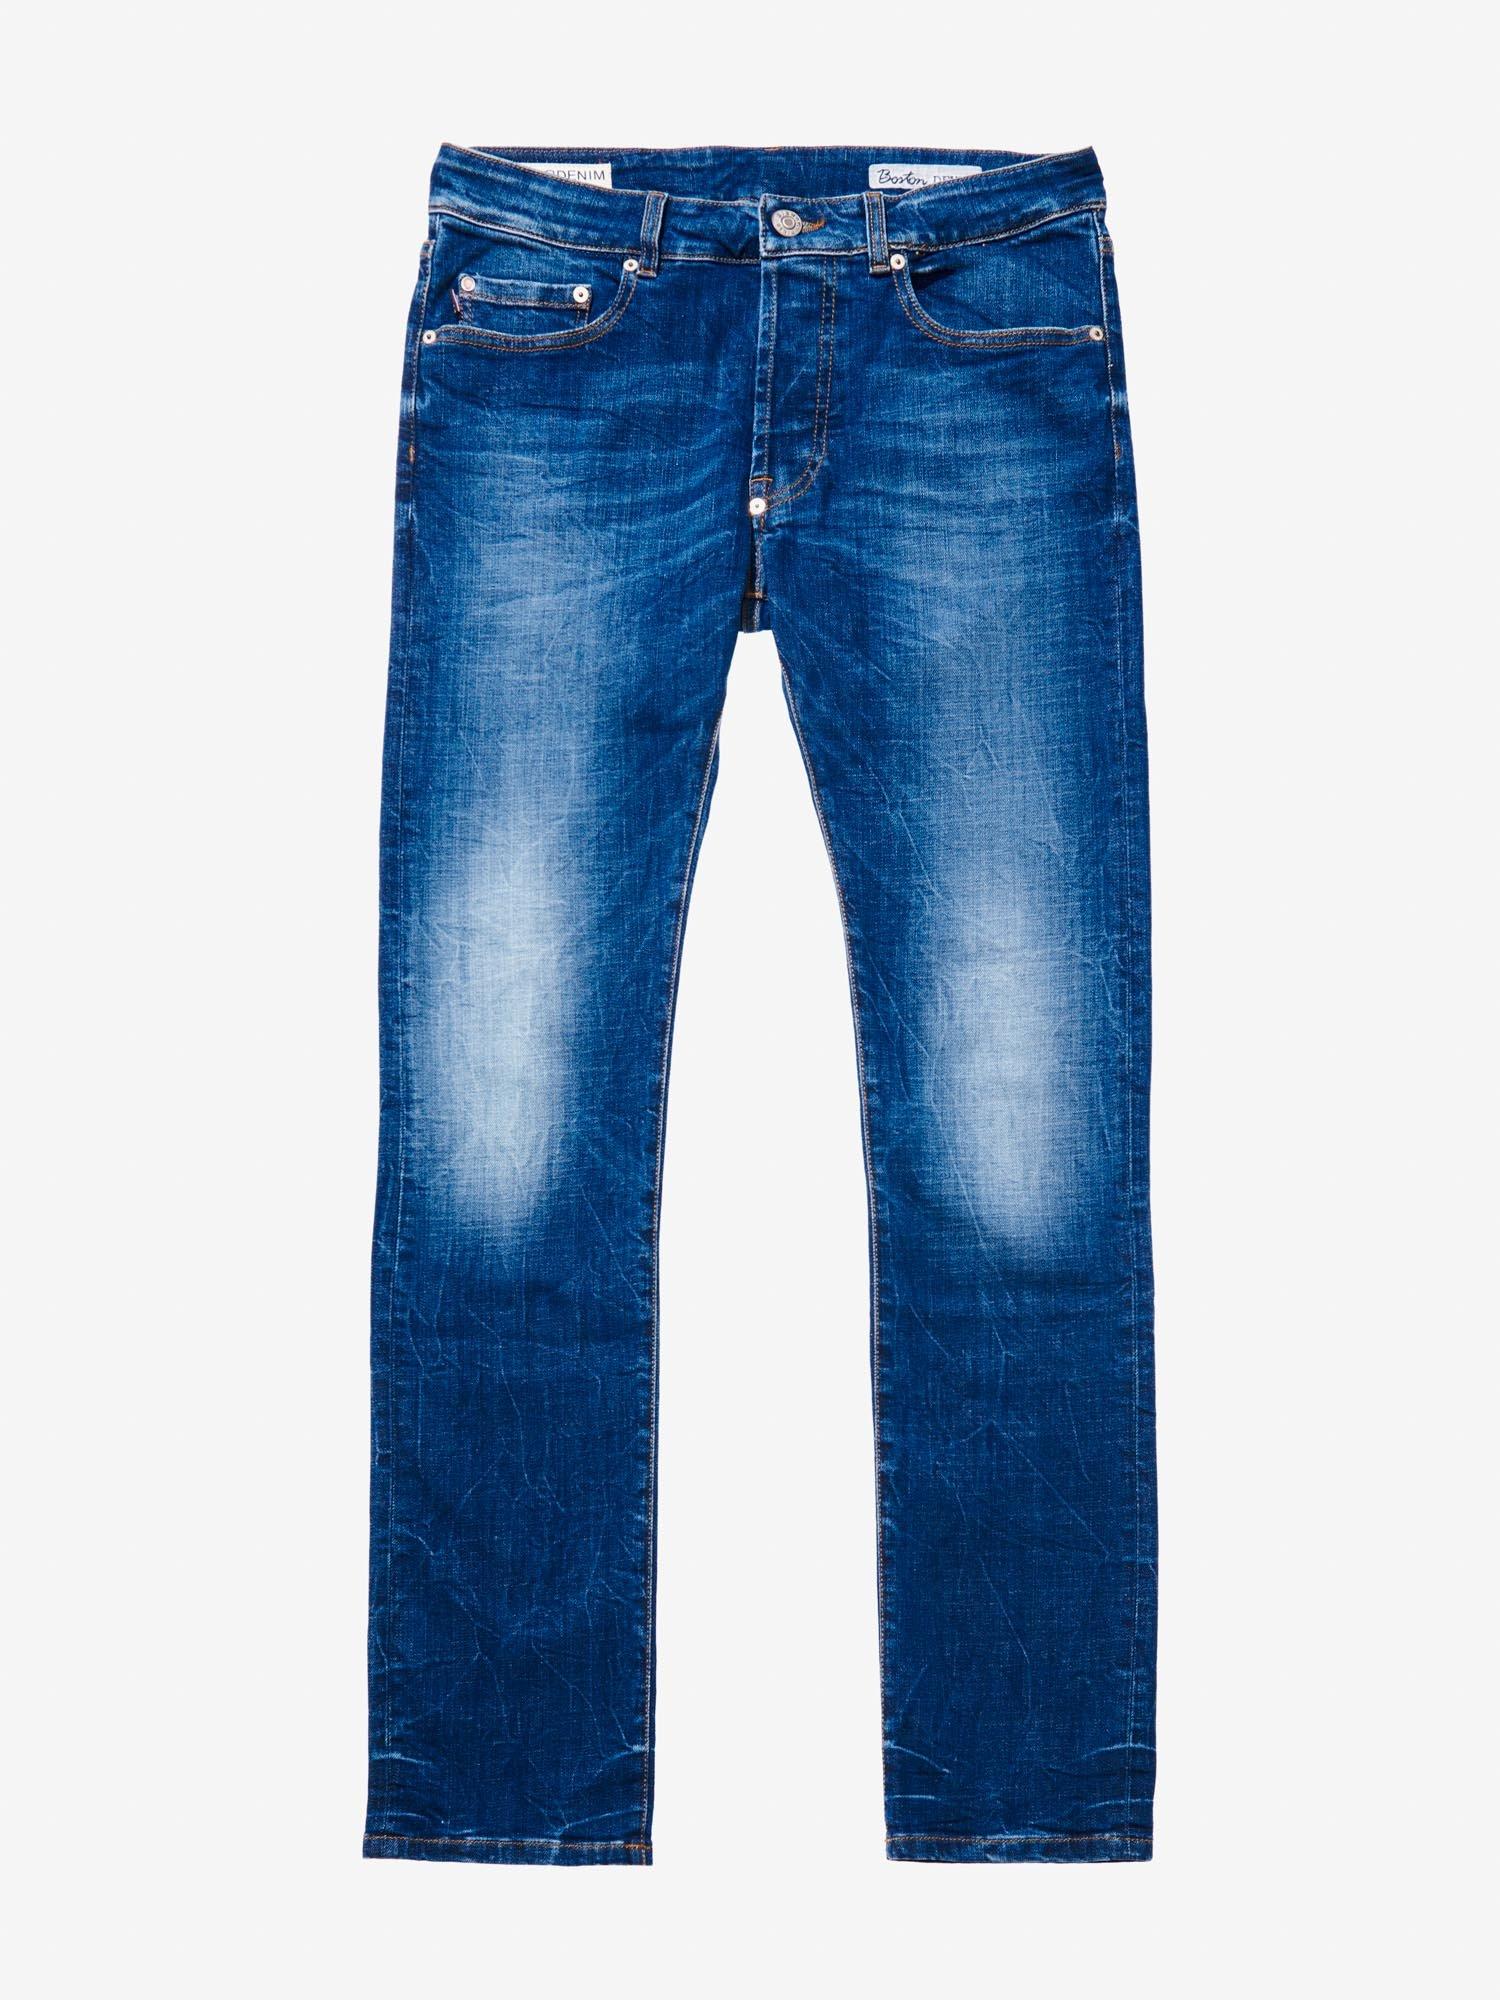 Blauer - DENIM BOOT CUT STONE WASHED - Denim Washing - Blauer